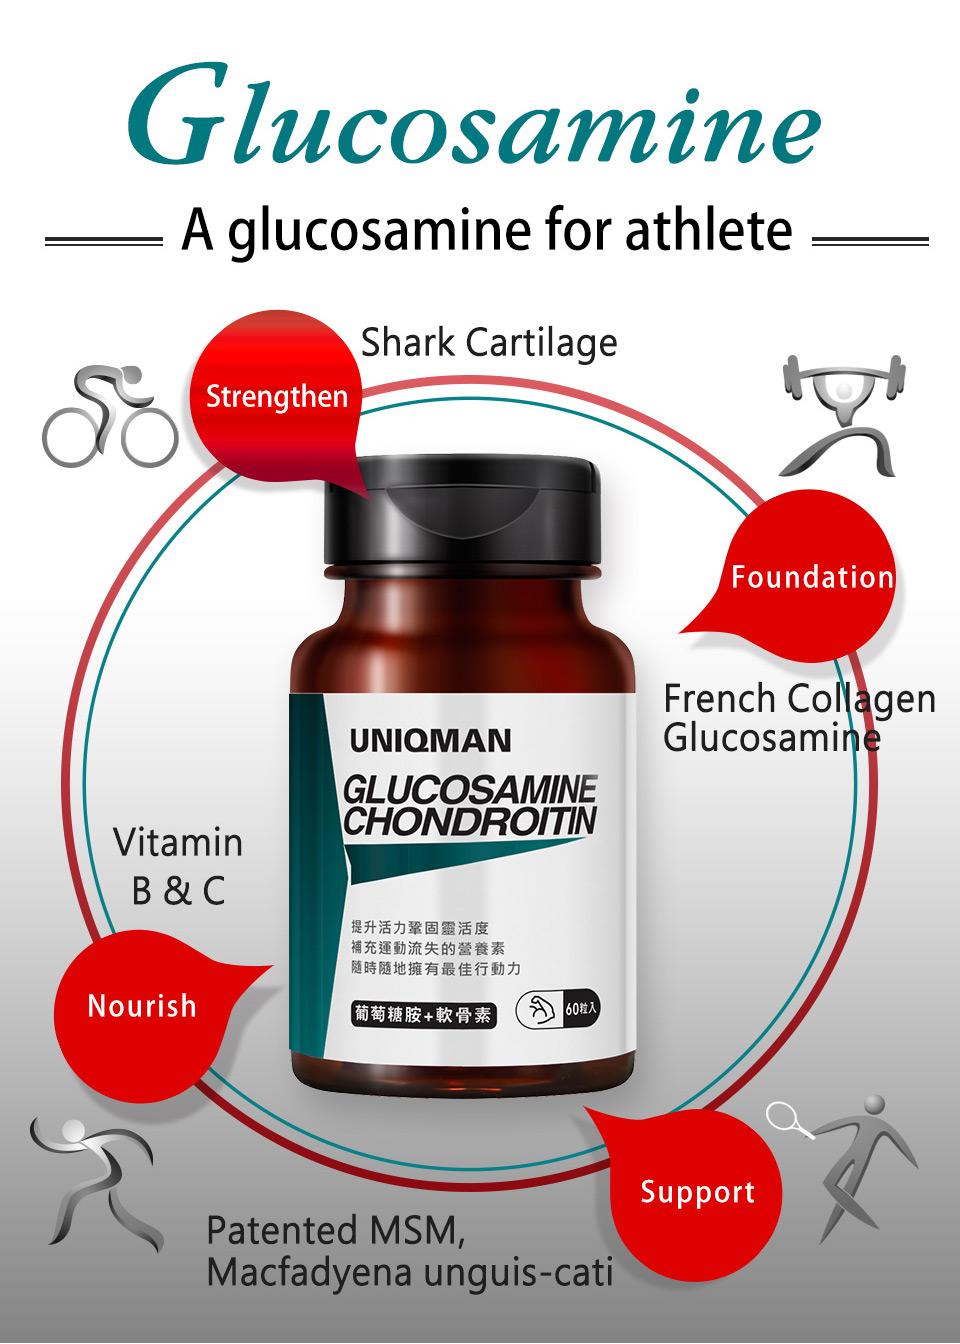 Uniqman Glucosamine Chondroitin Capsules 60 Capsules